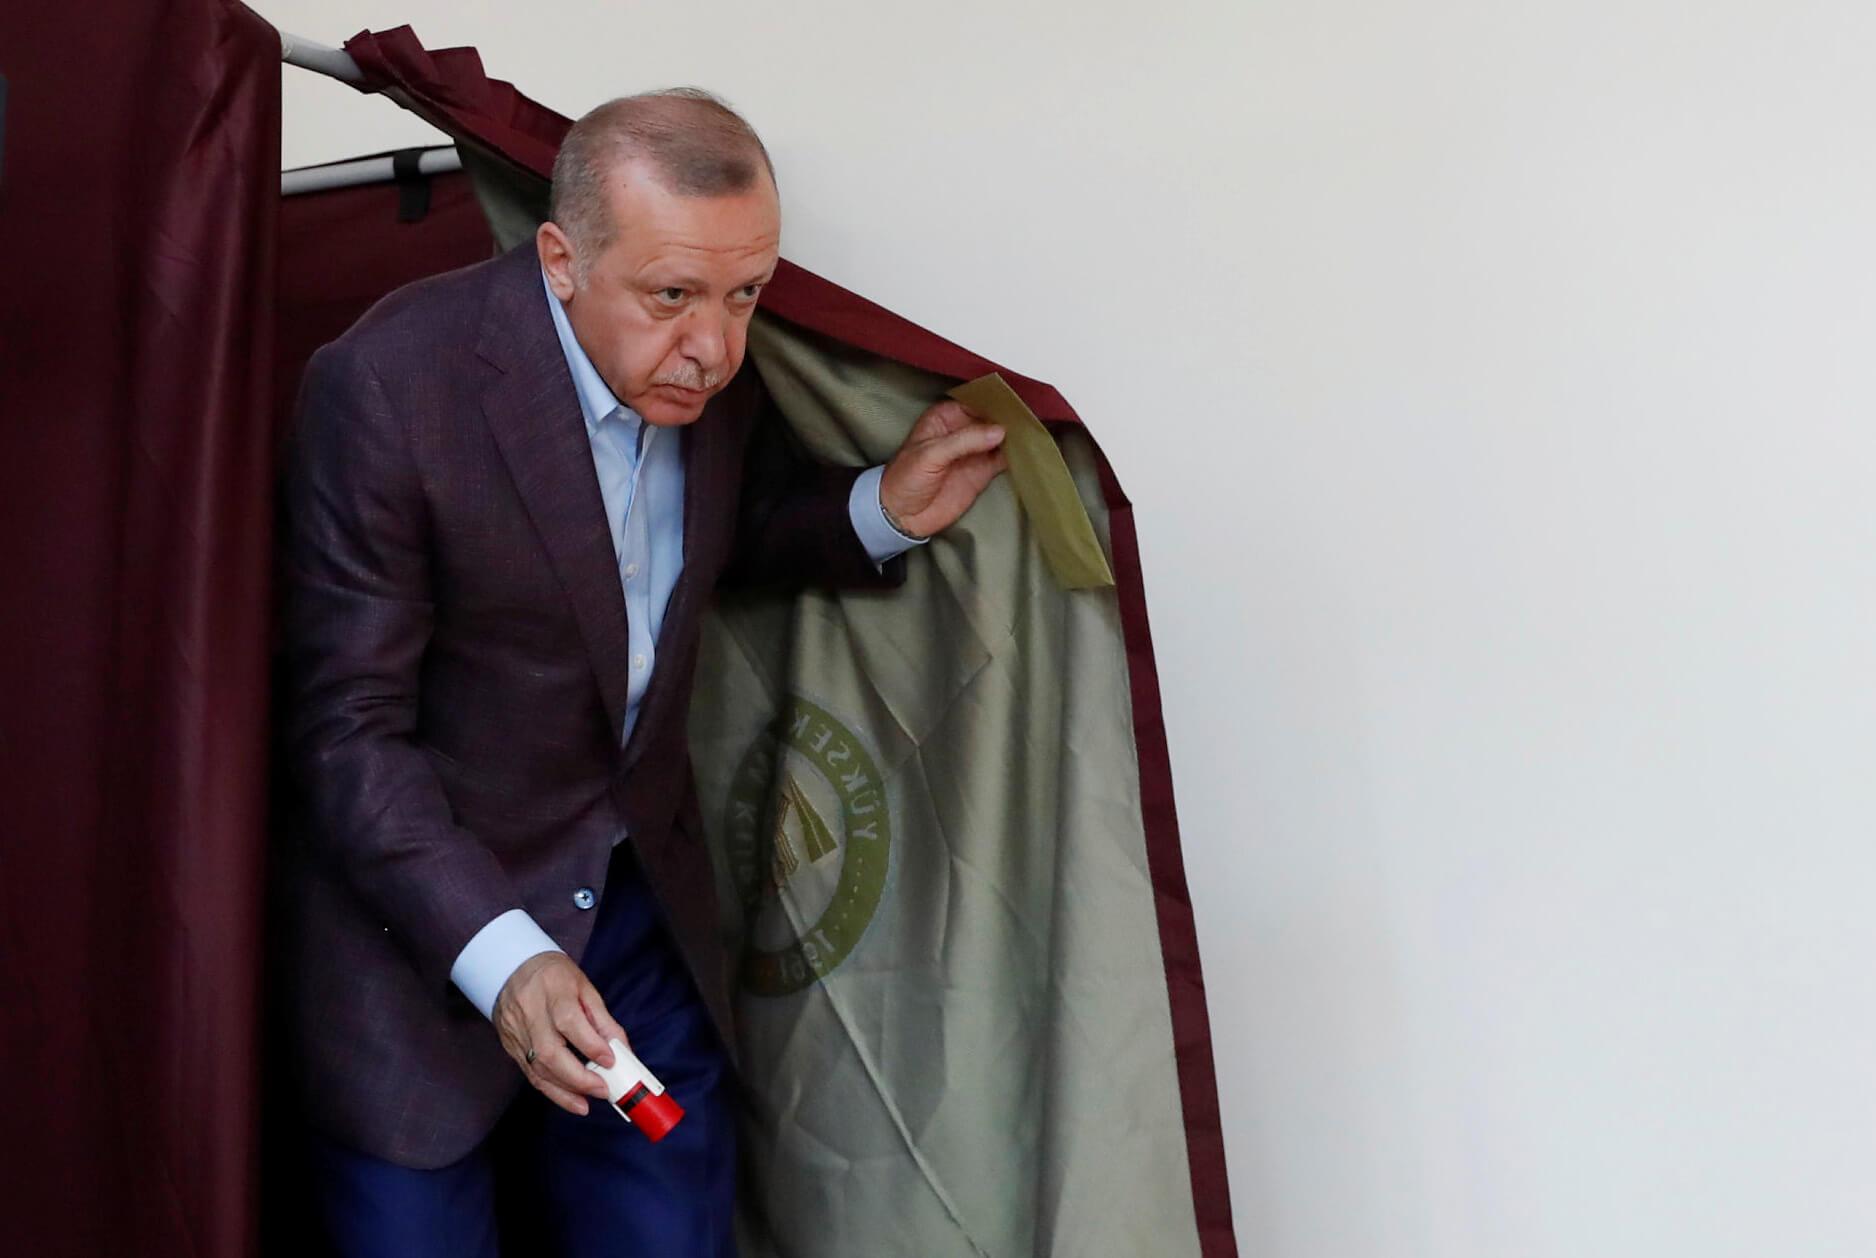 Κωνσταντινούπολη: Αυξημένη συμμετοχή περιμένει ο Ερντογάν